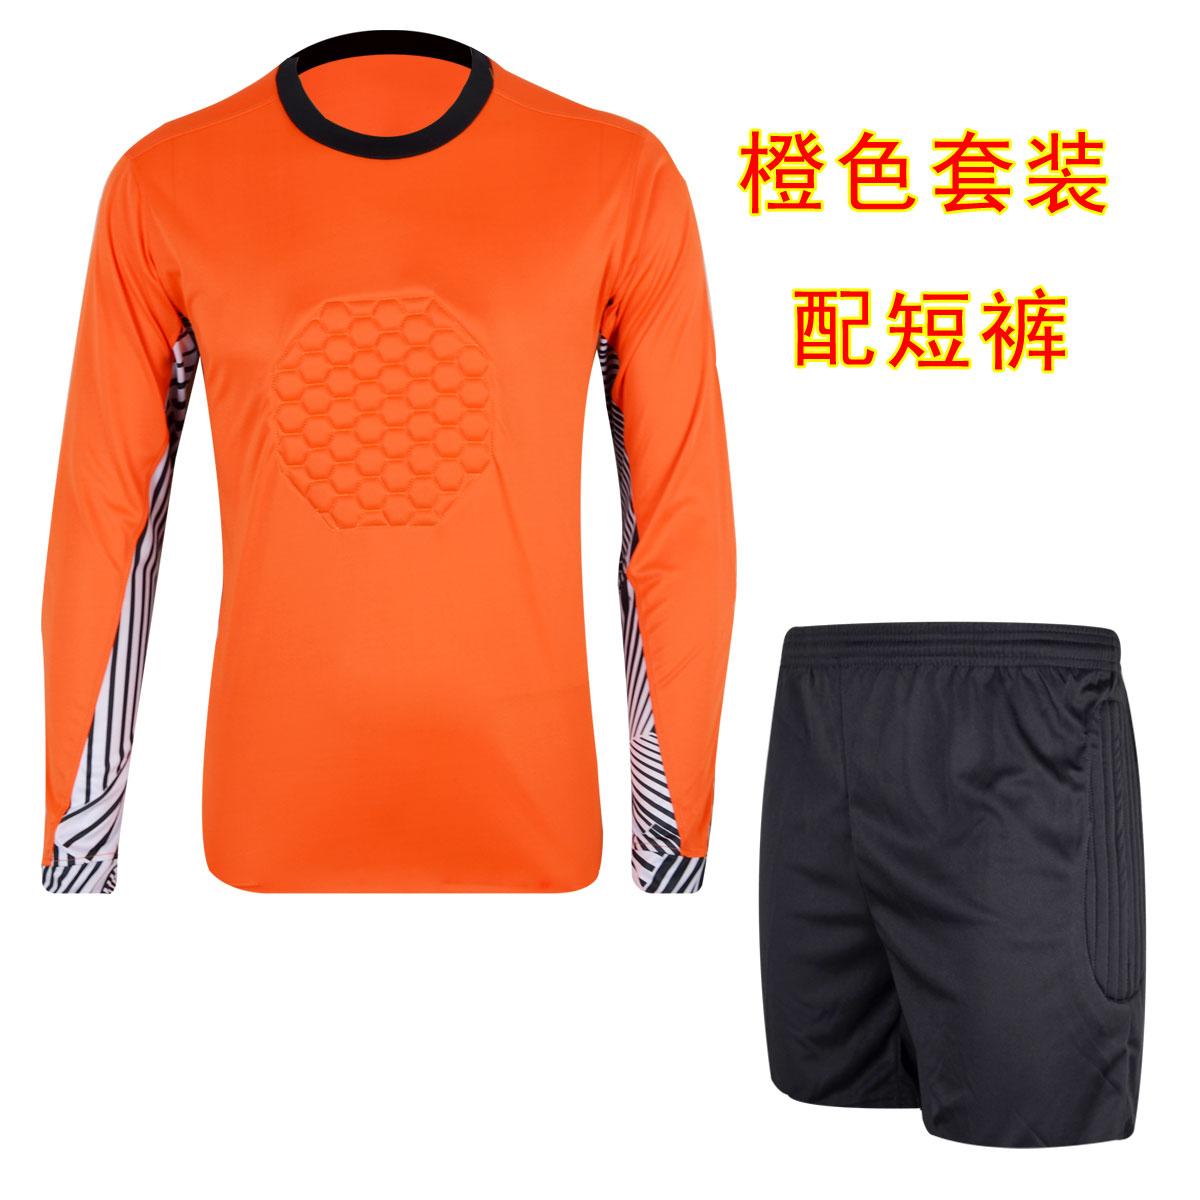 Цвет: Оранжевый костюм (короткая)